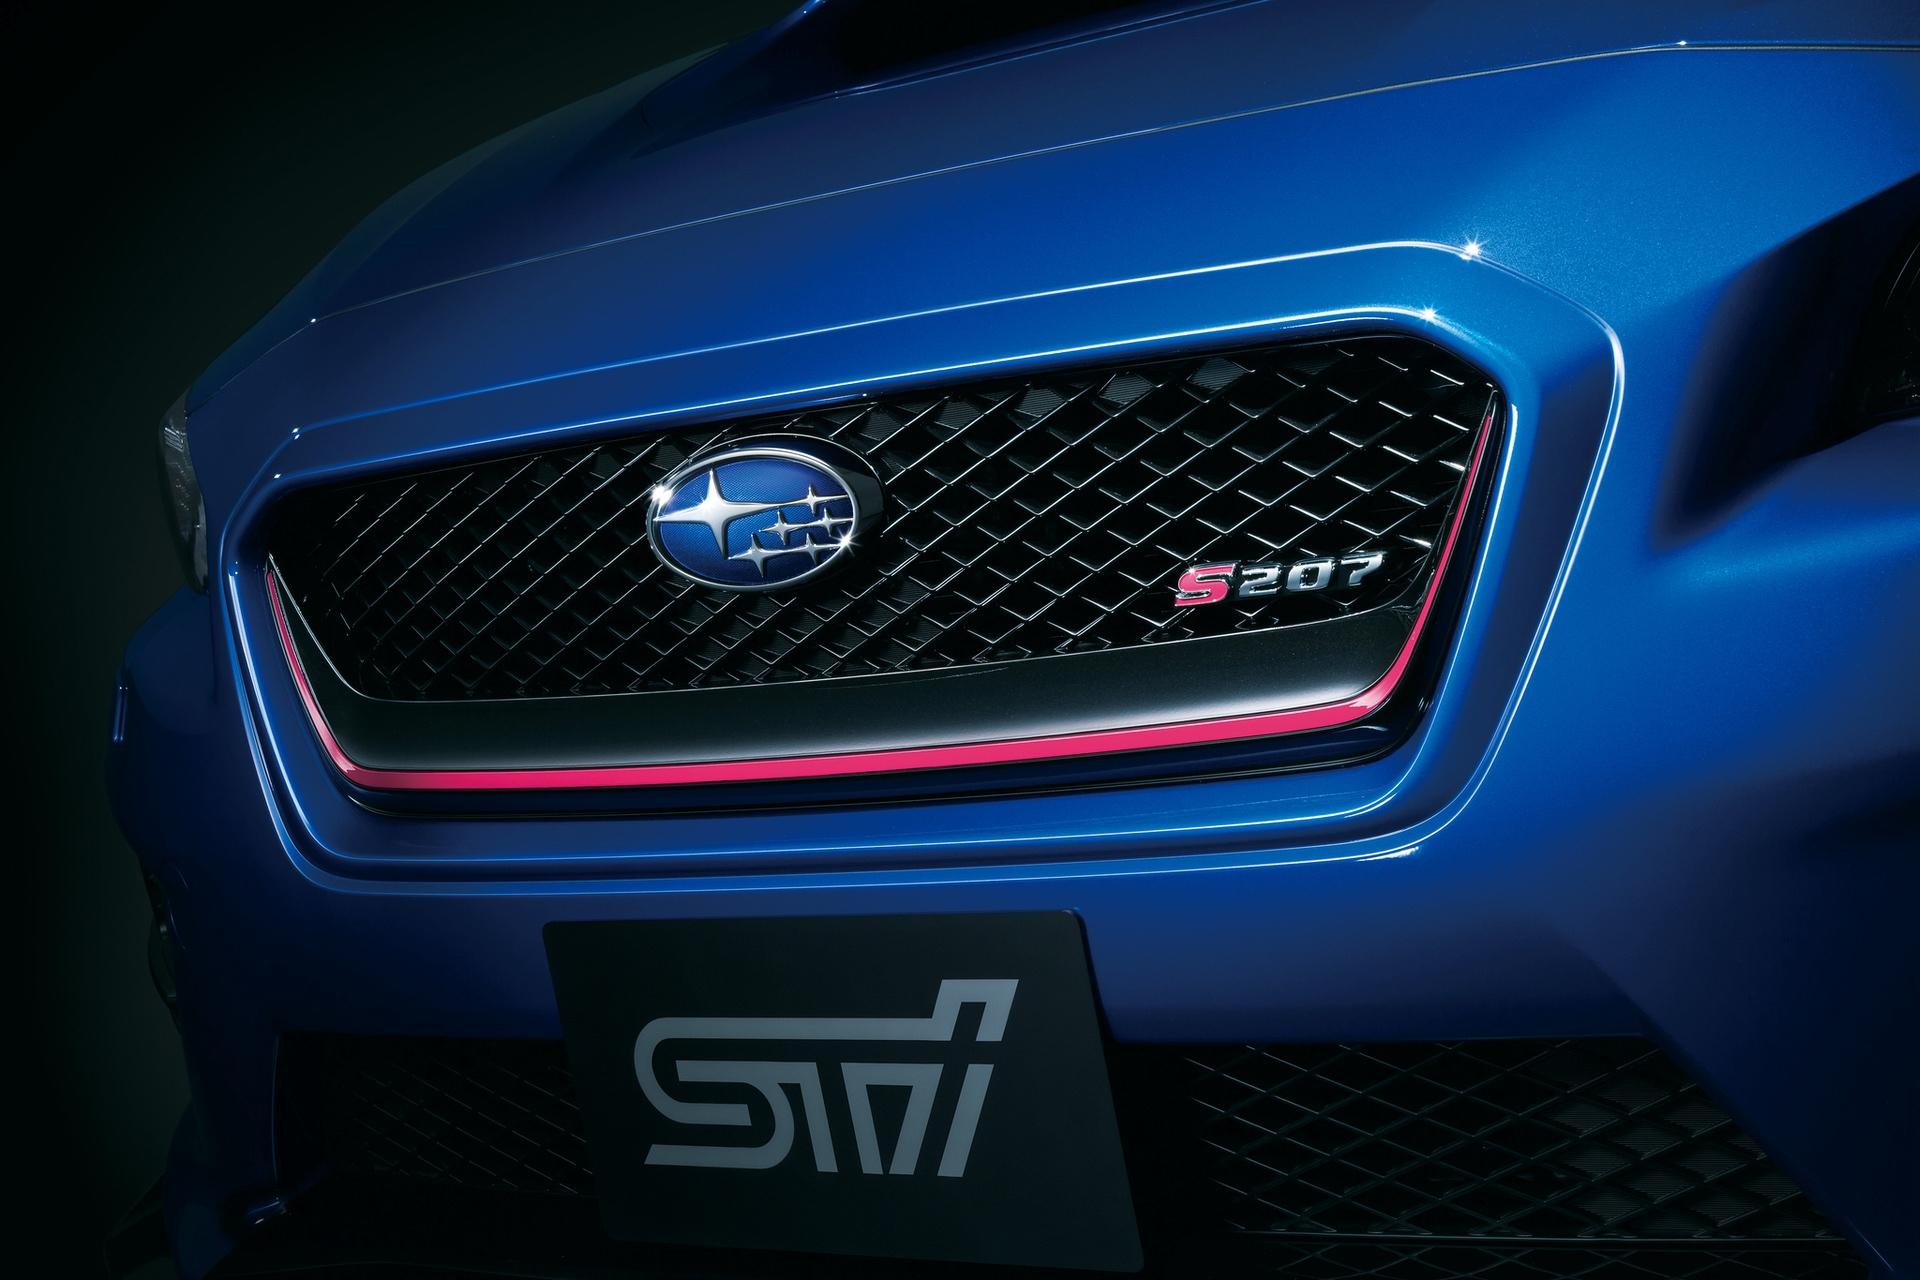 Subaru_Impreza_STI_S207_0000